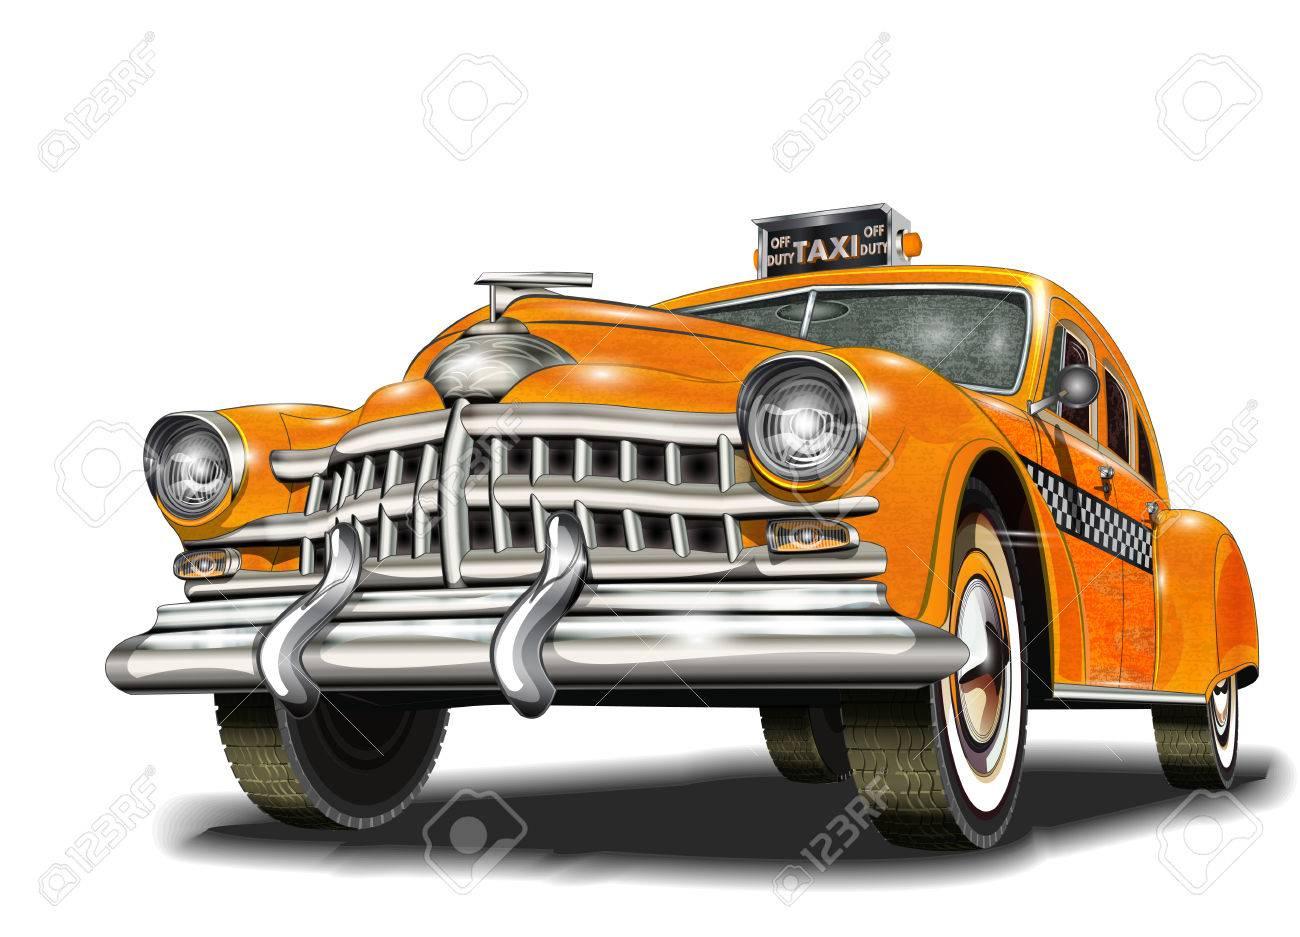 Yellow taxi retro car. - 70142242